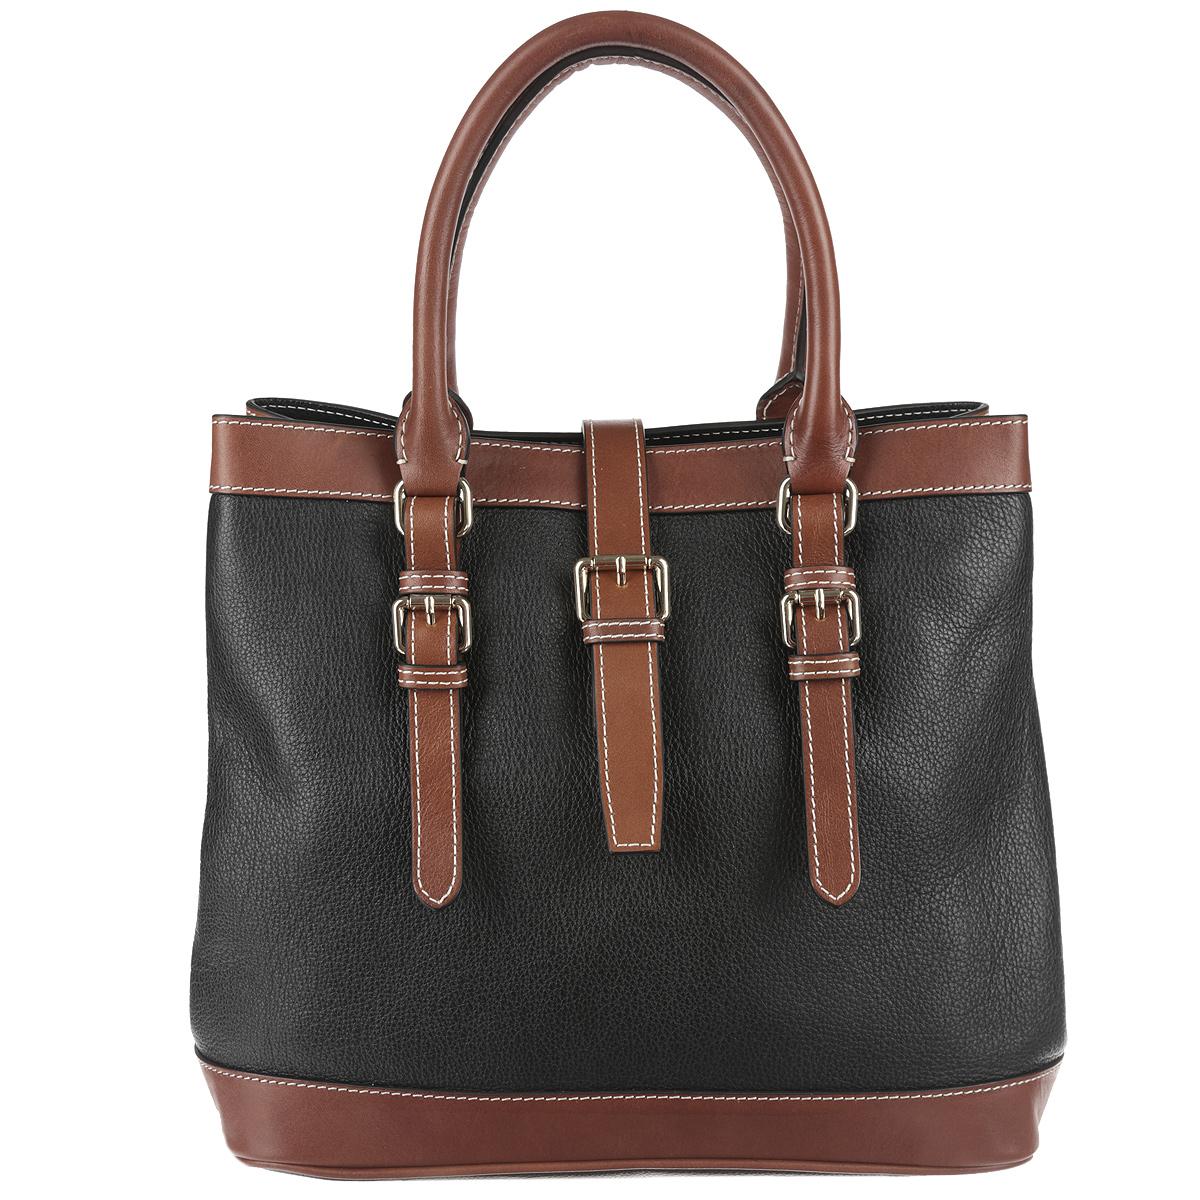 Сумка женскя Frija, цвет: черный, коричневый. 21-0161-1321-0161-13Стильная женская сумка Frija выполнена из натуральной кожи в классическом стиле. Внутри сумки одно основное отделение и два внутренних кармана для телефона и мелочей, два из которых на молнии. Снаружи сумка закрывается на молнию и на хлястик на магните, по бокам крепится кнопками, поэтому ее можно носить в развернутом виде. Высота ручек 14 см. Высота плечевого ремня 137 см. В комплекте чехол для хранения. Роскошная сумка внесёт элегантные нотки в ваш образ и подчеркнёт отменное чувство стиля.